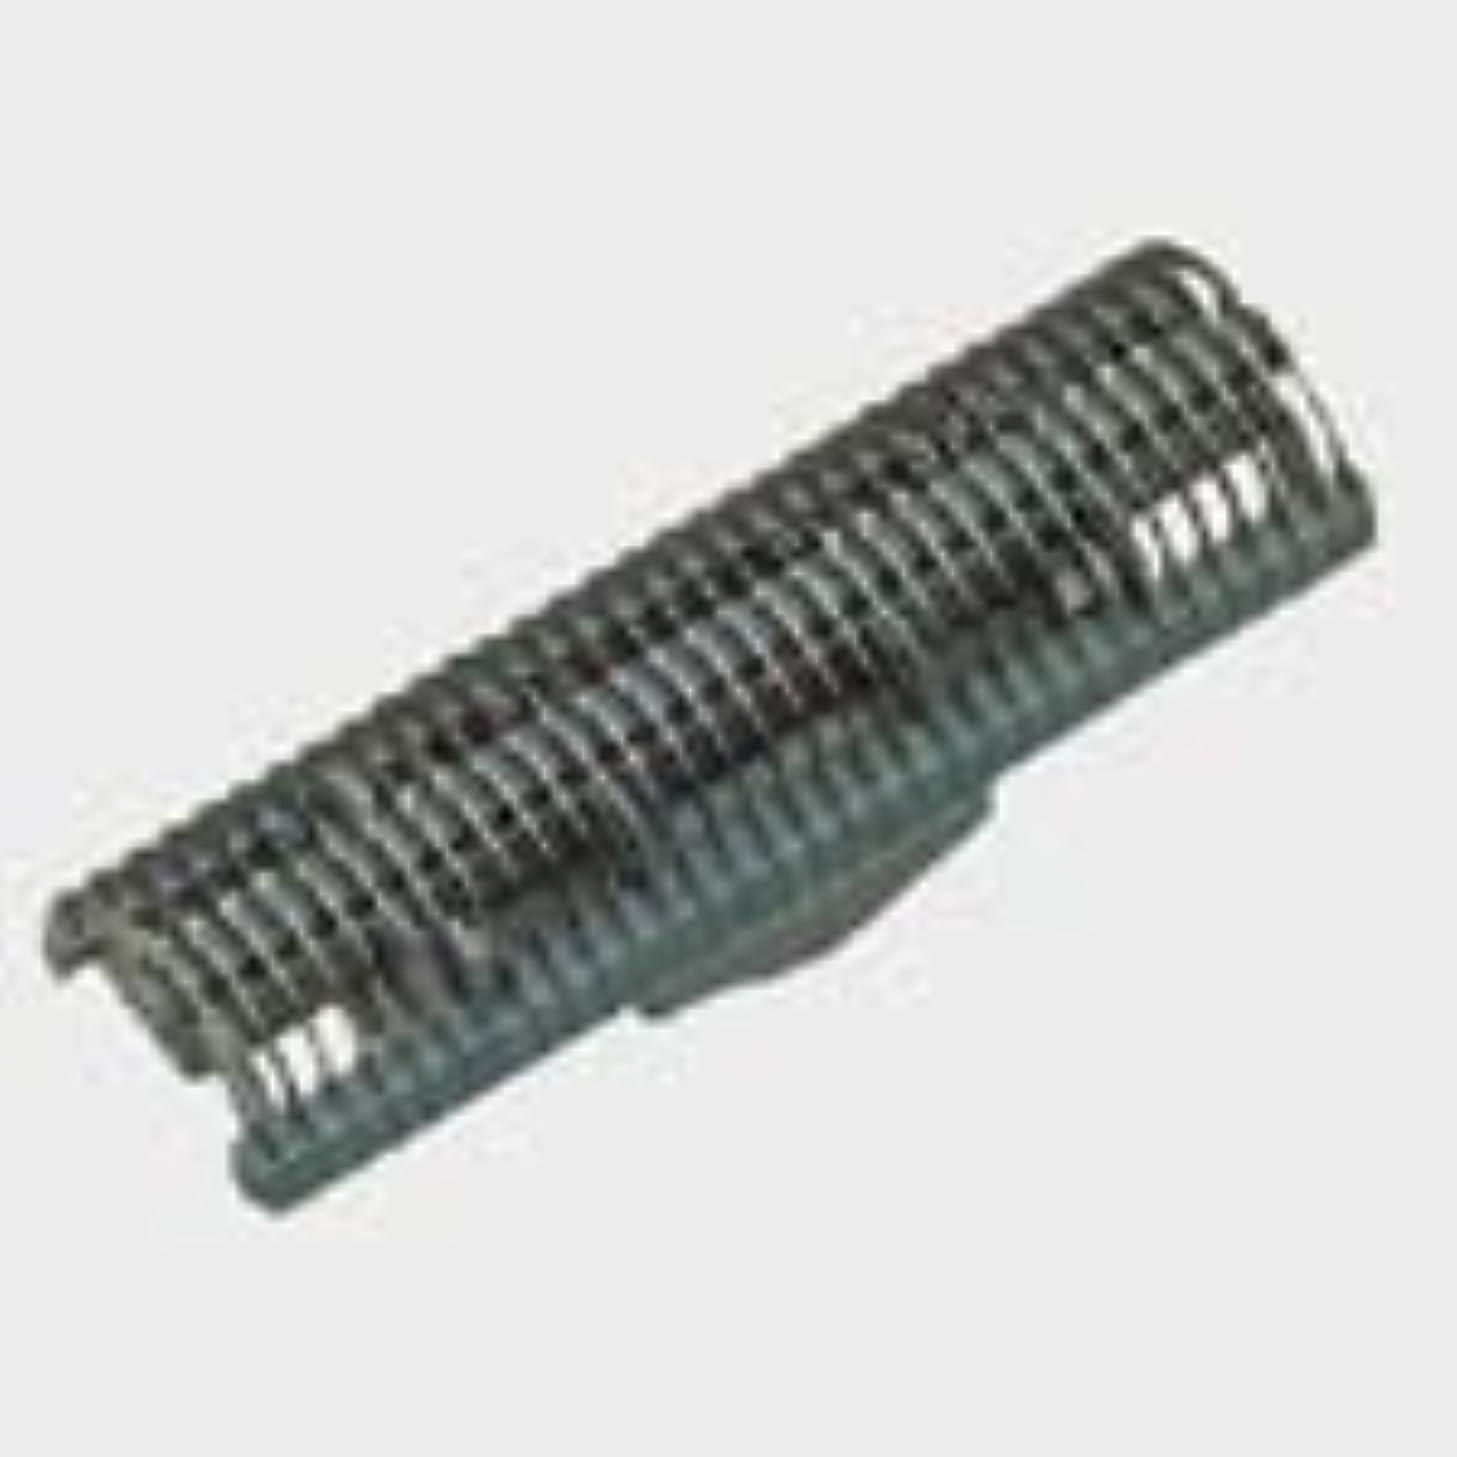 型定期的に流すパナソニック 替刃 メンズシェーバー用 内刃 ES9972